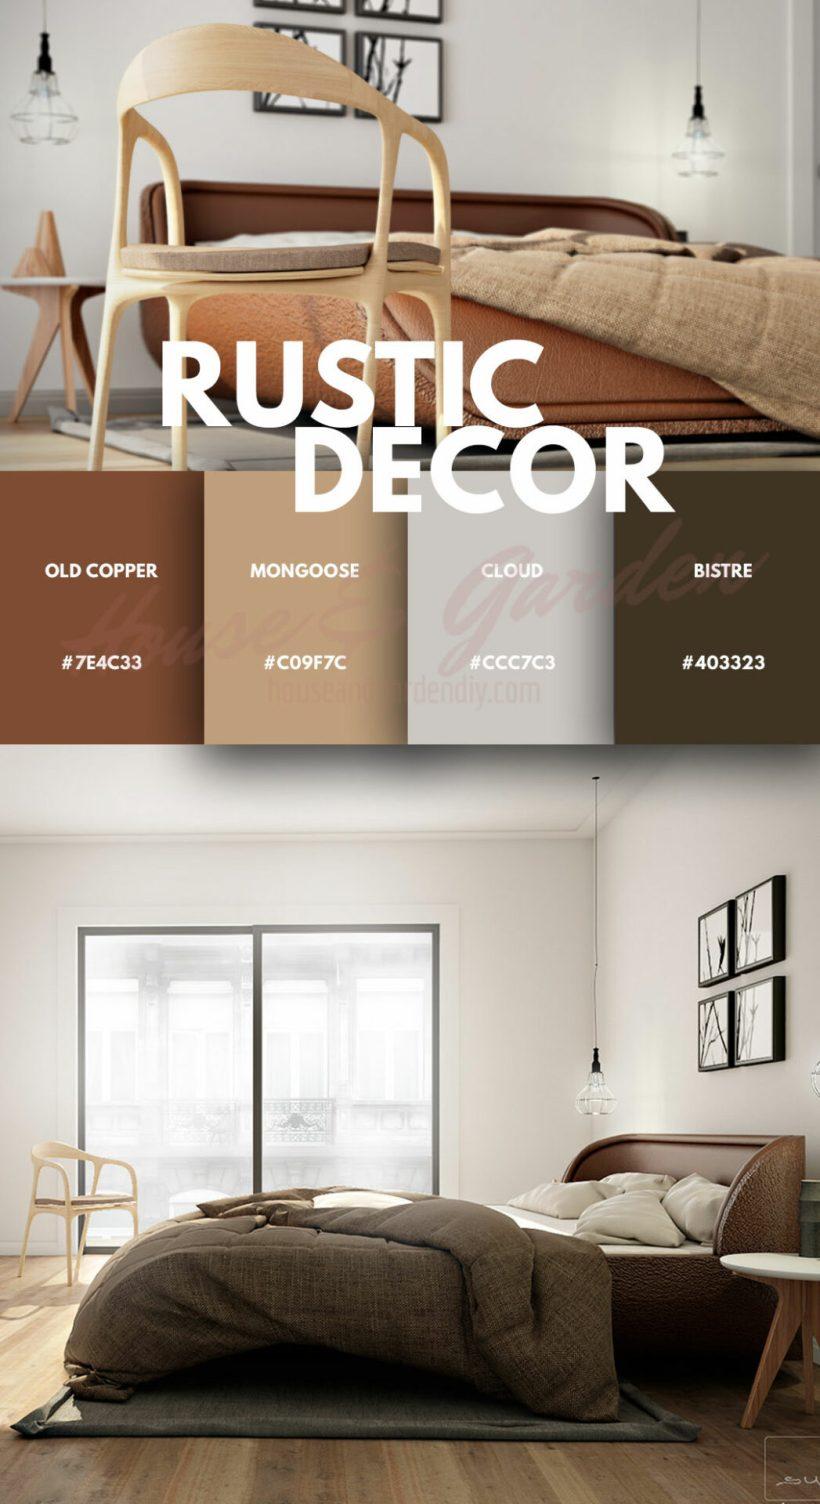 ideas de decoración de dormitorio rústico